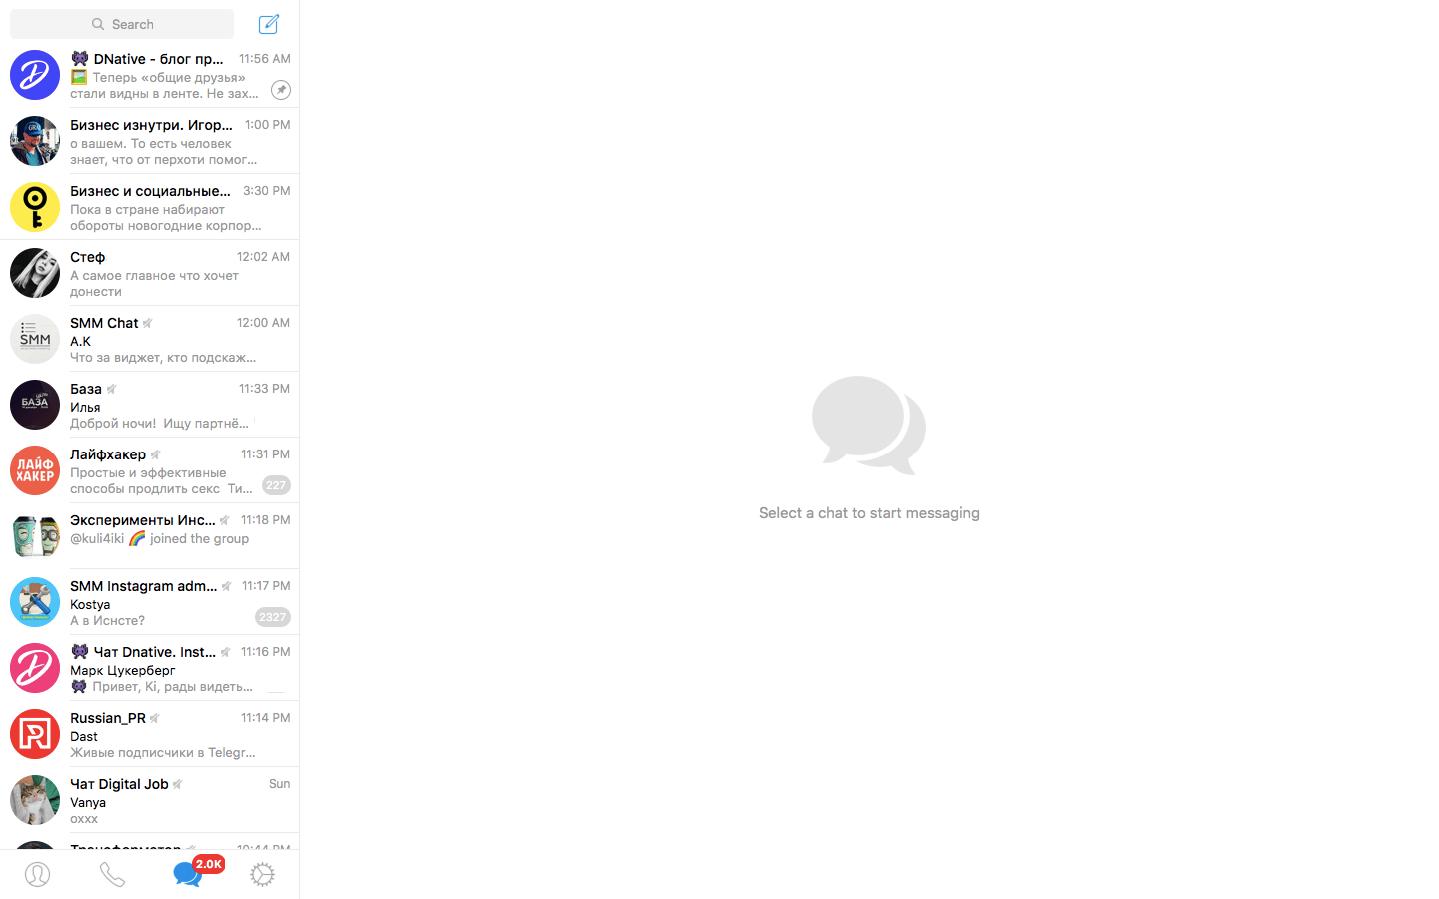 Вид главной страницы Телеграм на ноутбуке